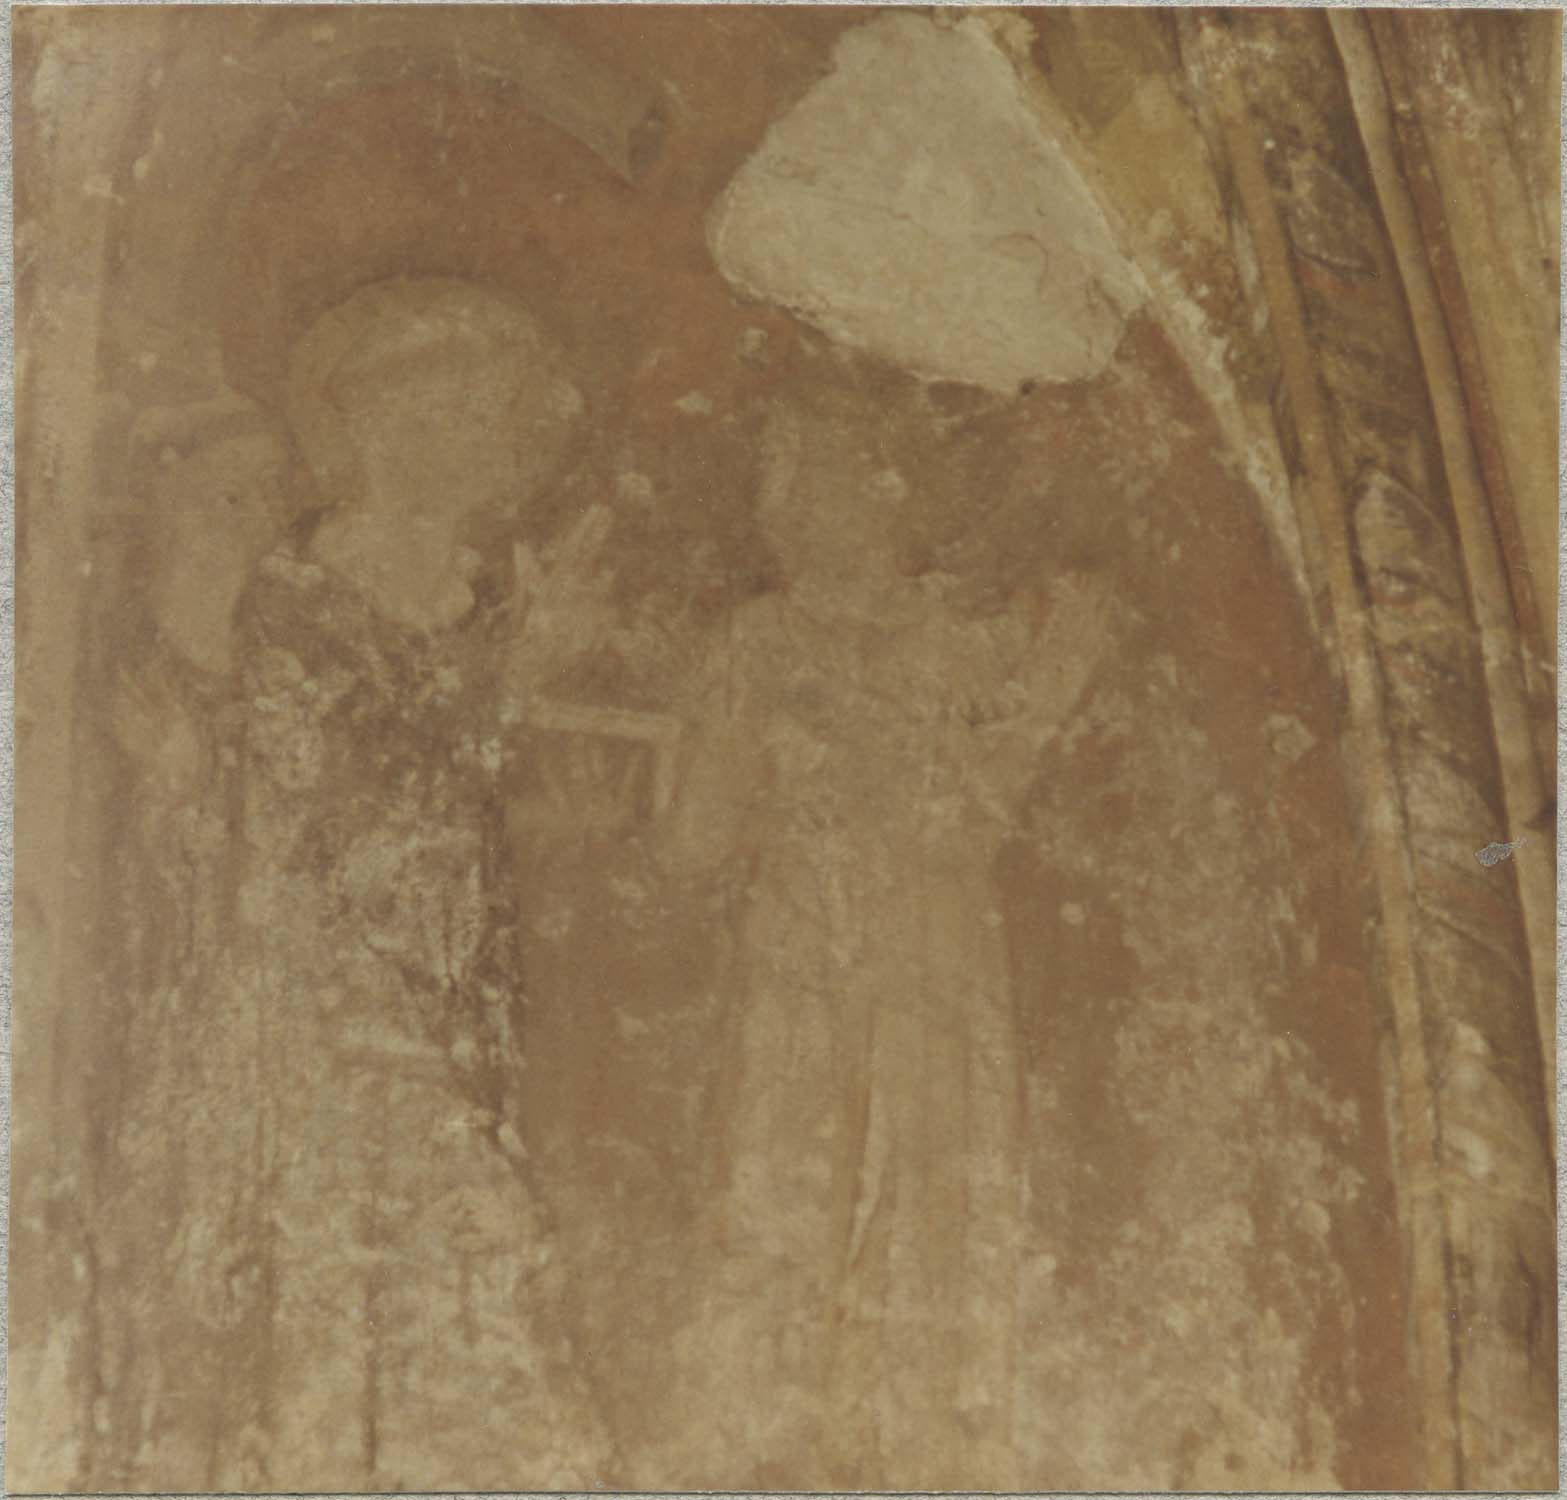 Peintures monumentales : scènes de la vie bénédictine, détail côté est